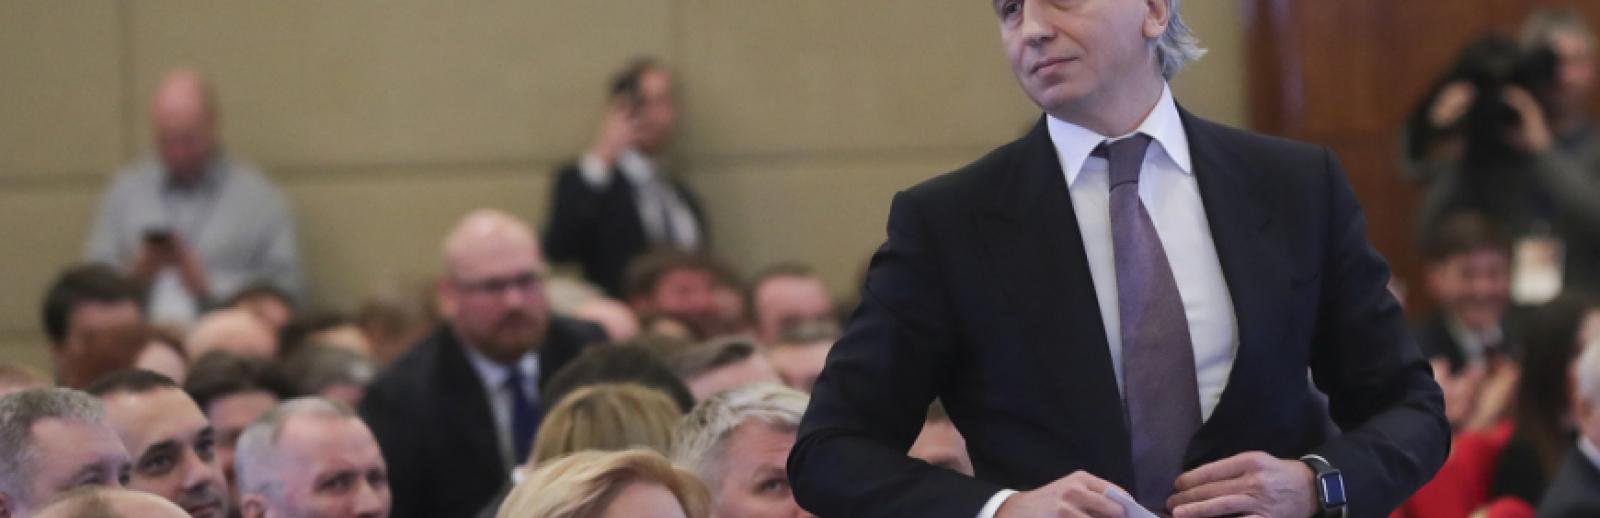 Александр Дюков - президент РФС